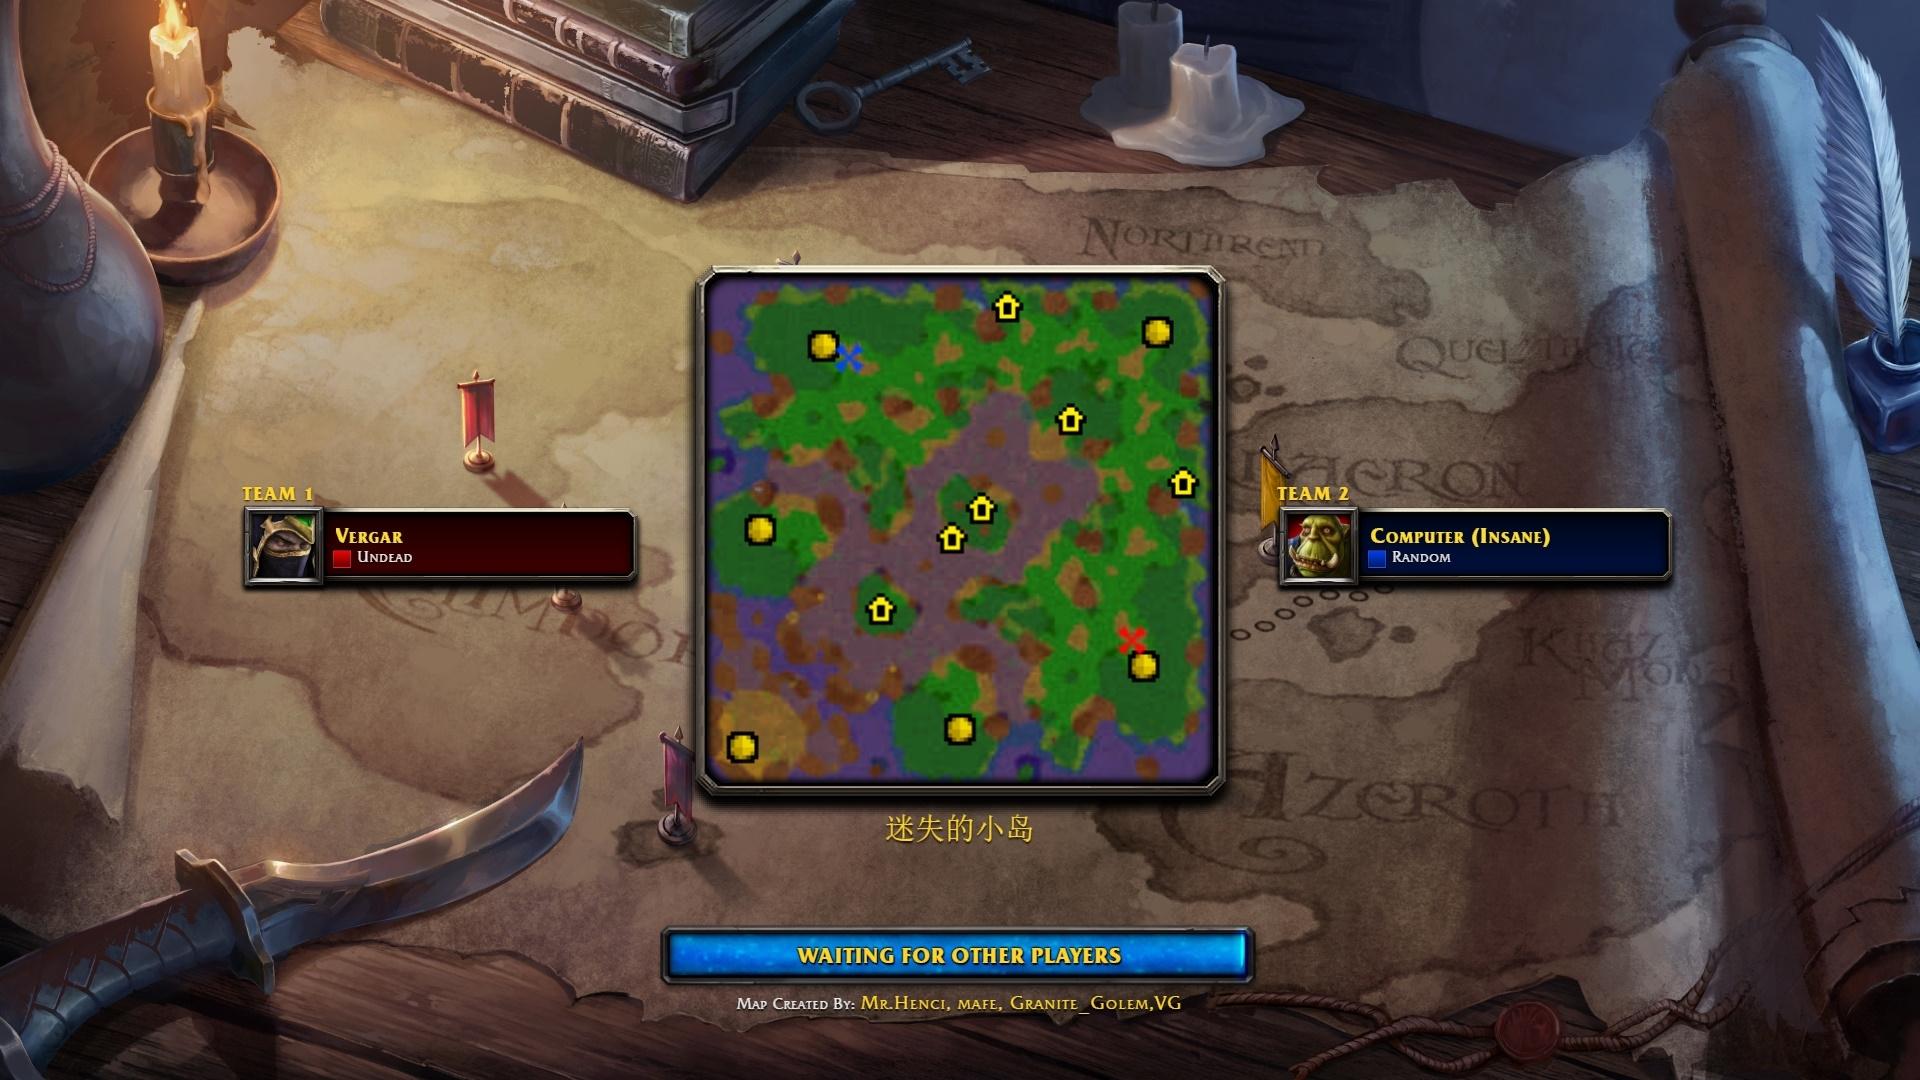 魔兽争霸3重制版 自制地图 迷失小岛 地图演示 无脑赢疯狂电脑